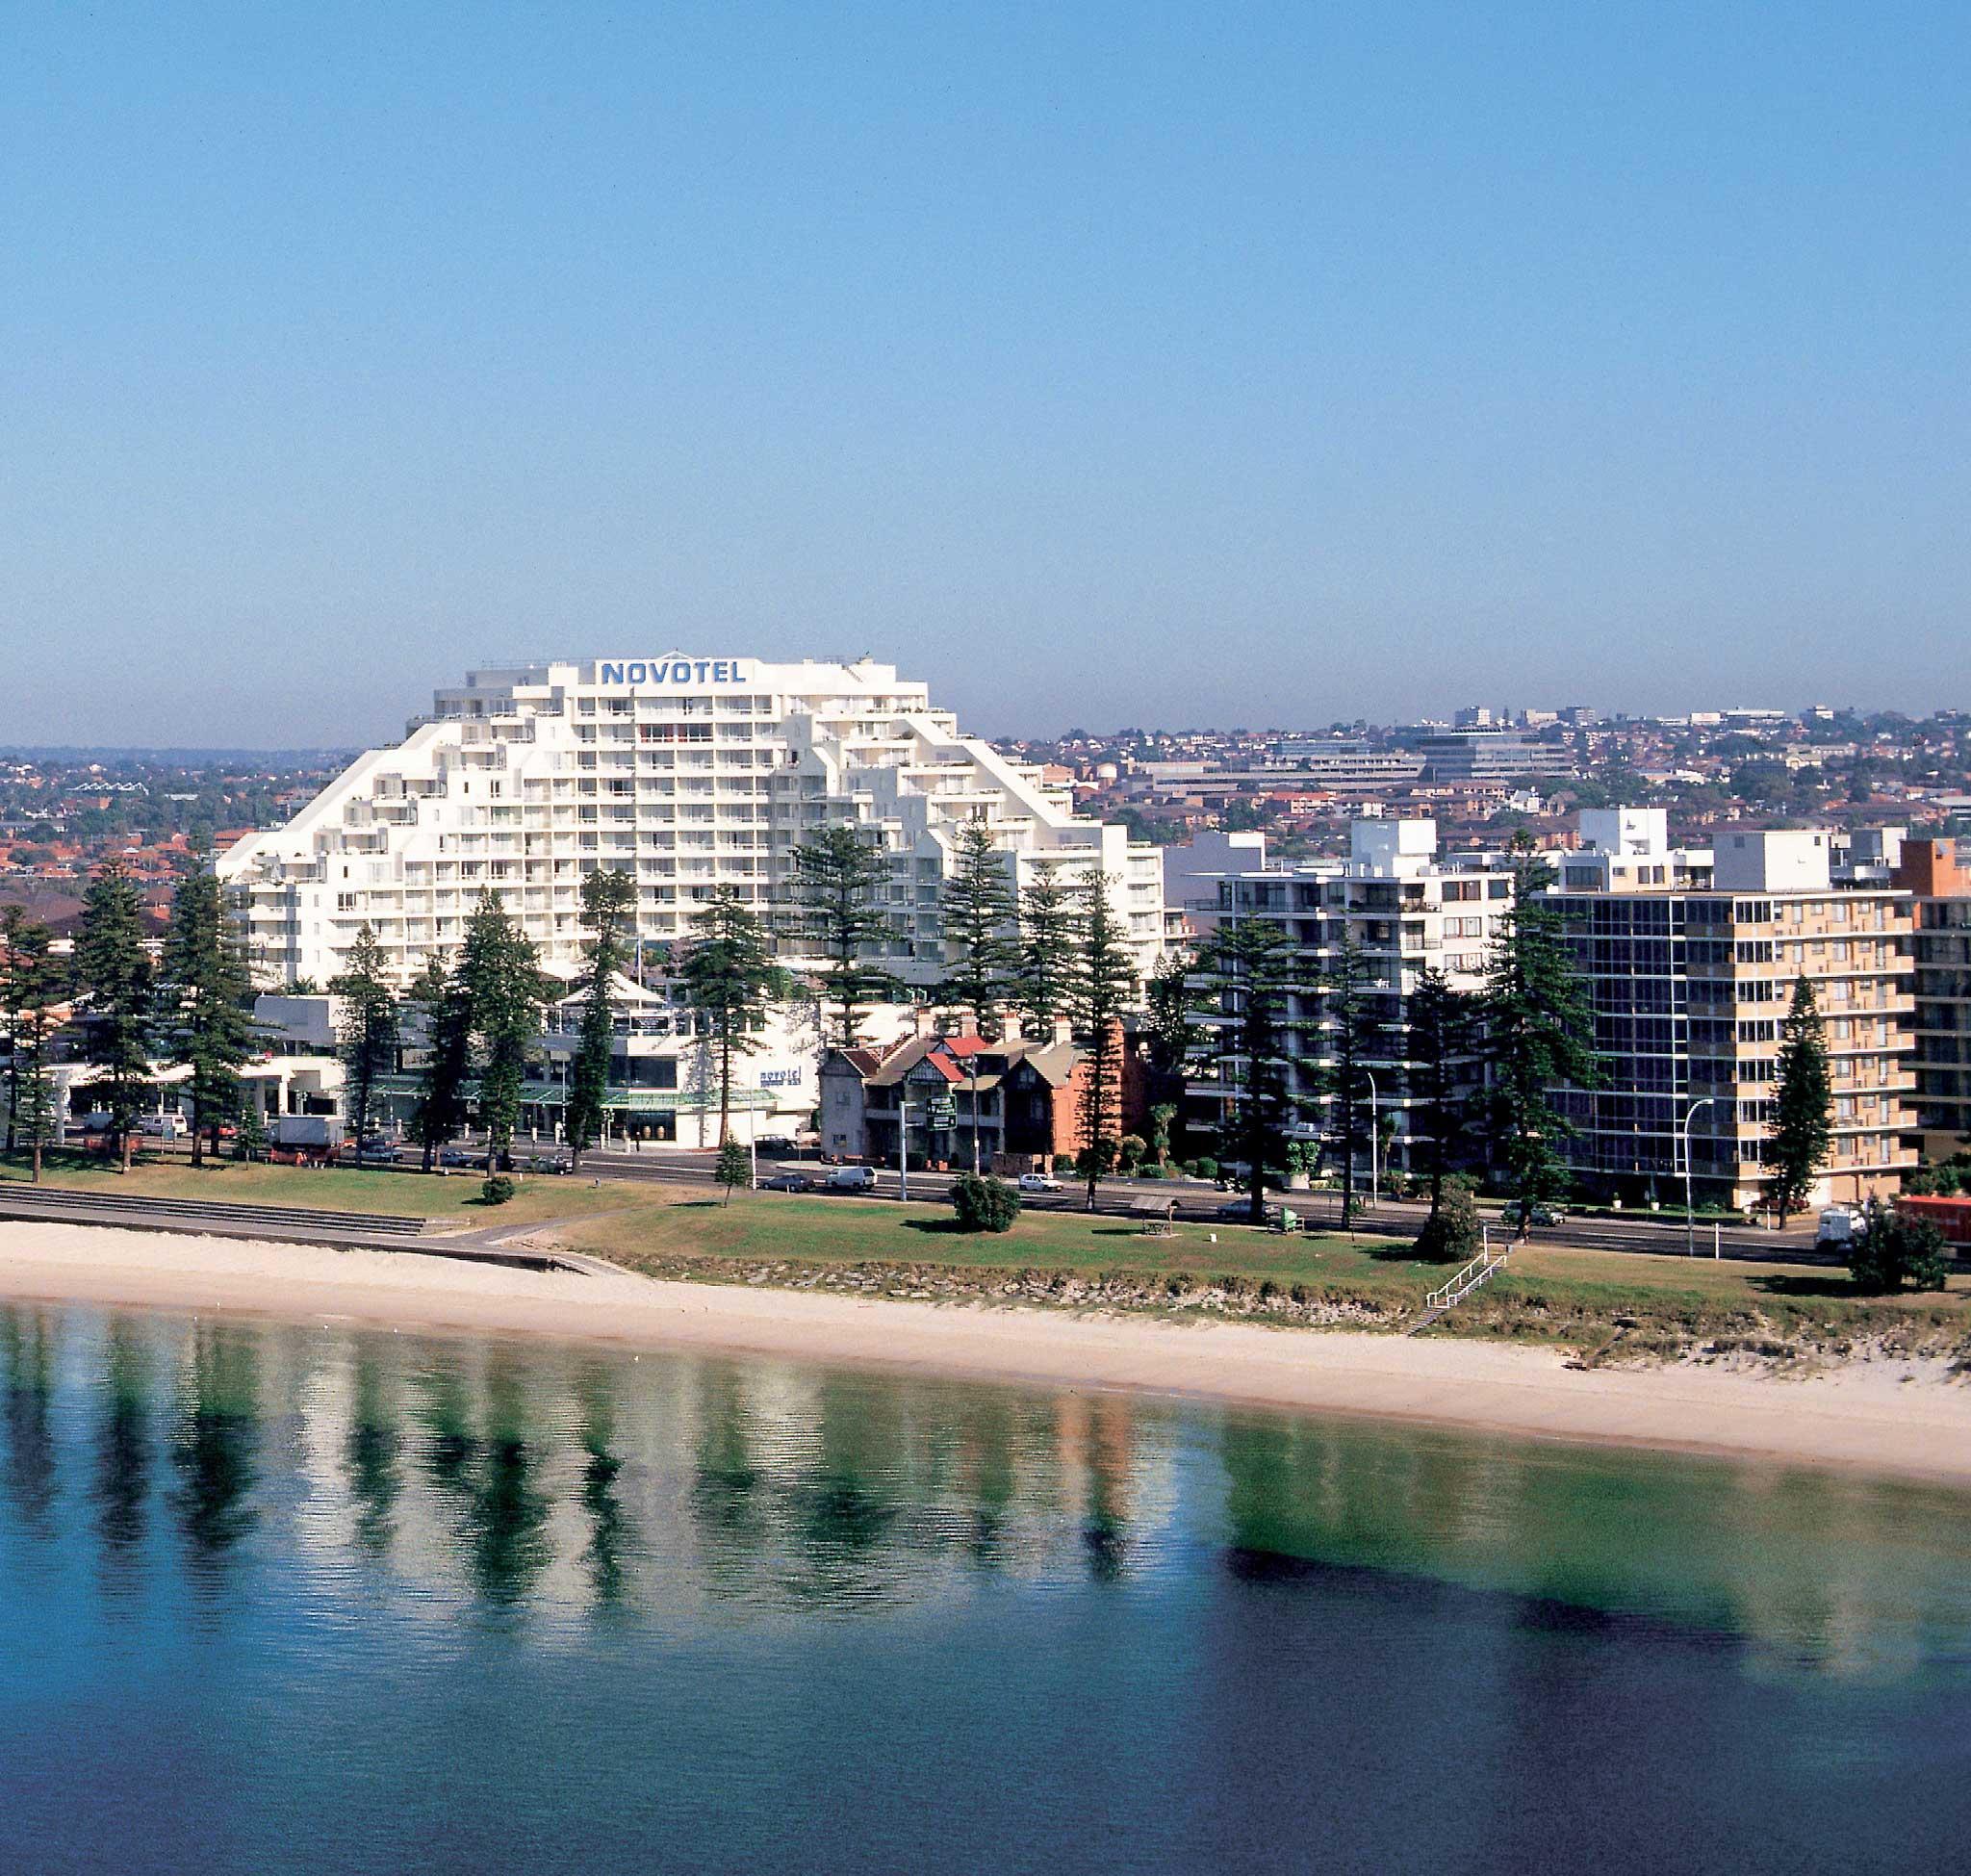 โรงแรม – Novotel Sydney Brighton Beach